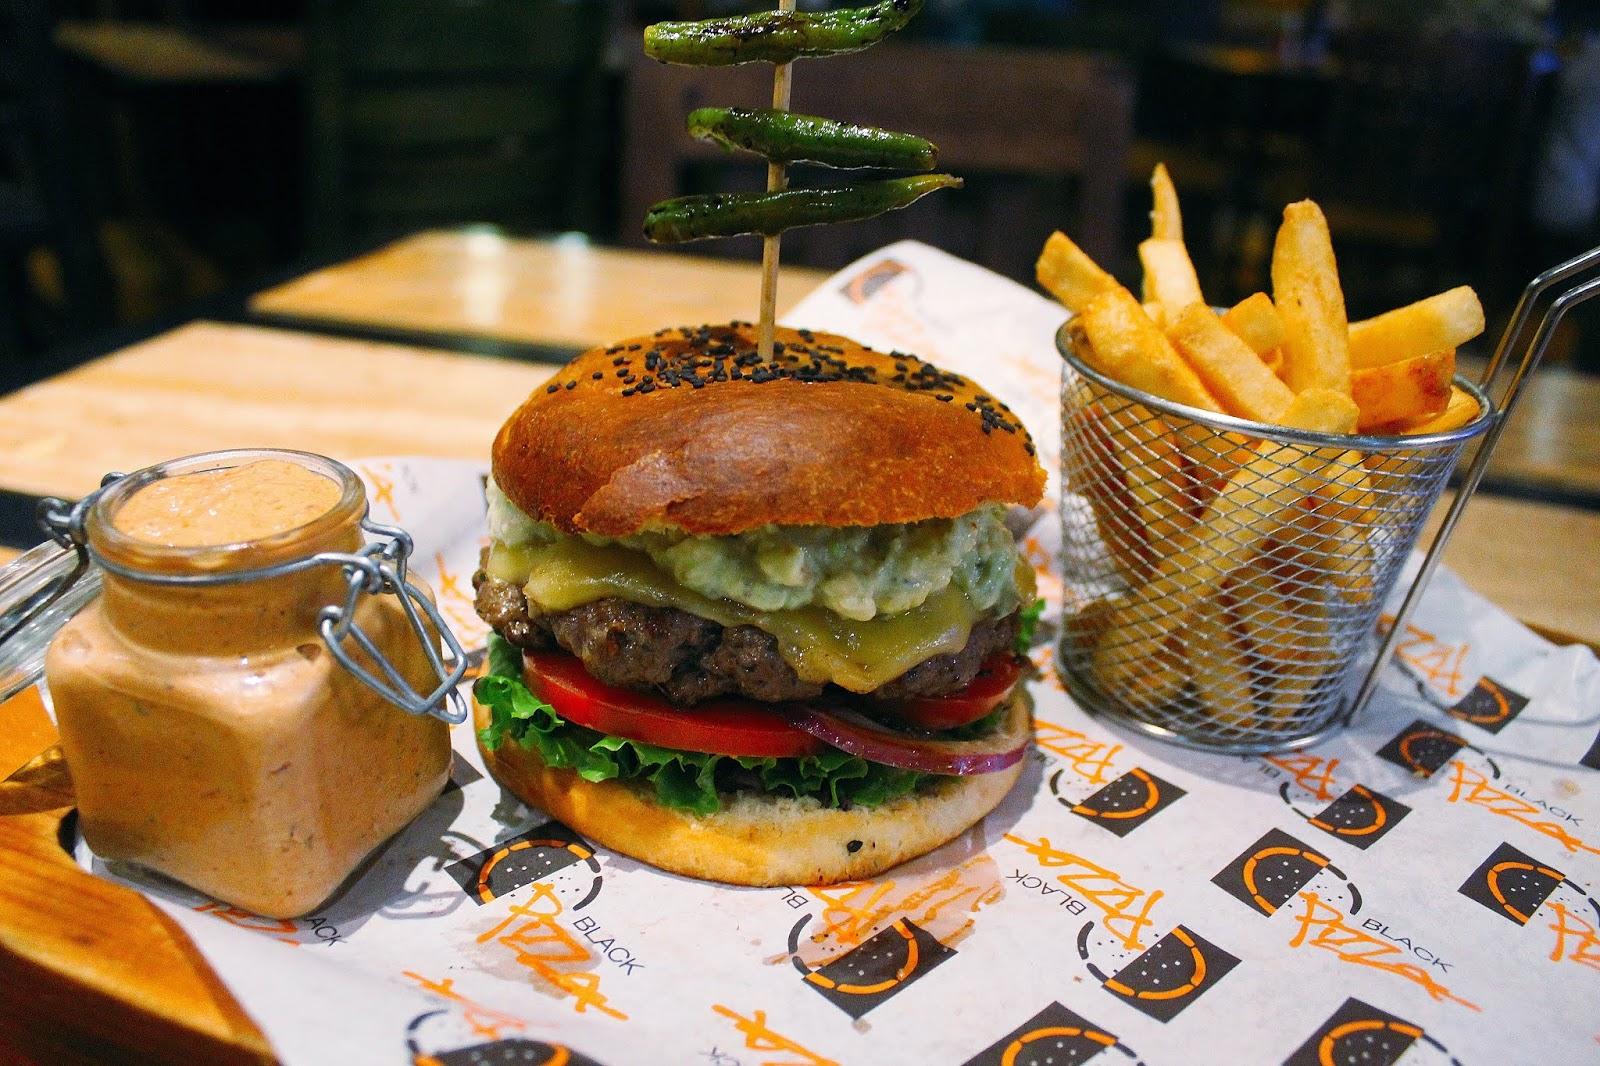 Datos curiosos sobre las hamburguesas